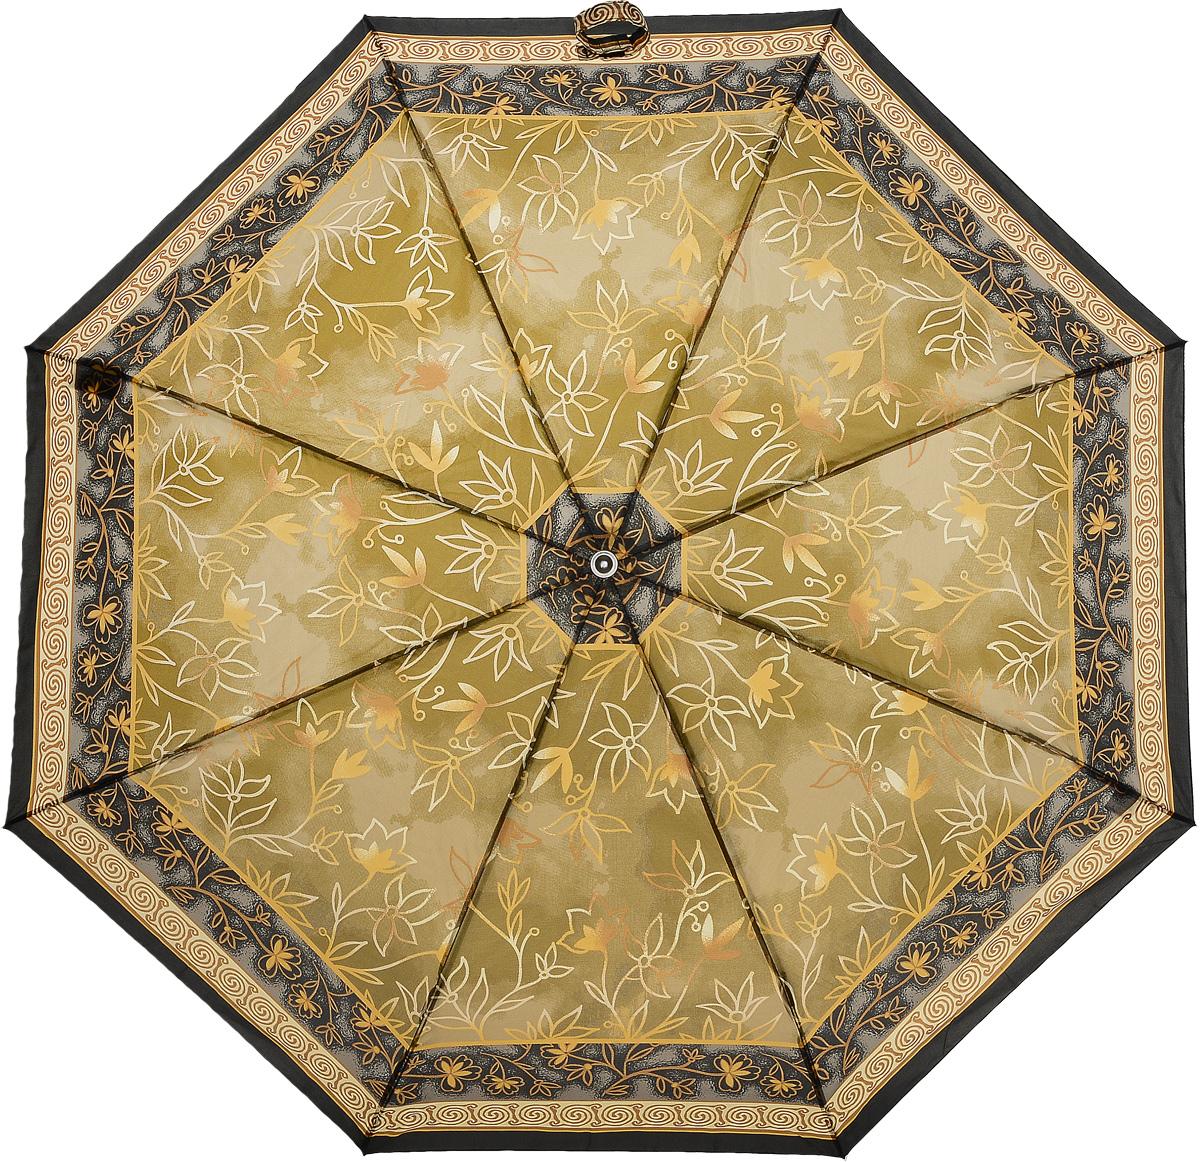 Зонт женский Prize, механический, 3 сложения, цвет: коричневый, темно-коричневый. 355-081355-081Классический женский зонт в 3 сложения с механической системой открытия и закрытия. Удобная ручка выполнена из пластика. Модель зонта выполнена в стандартном размере. Данная модель пердставляет собой эконом класс.